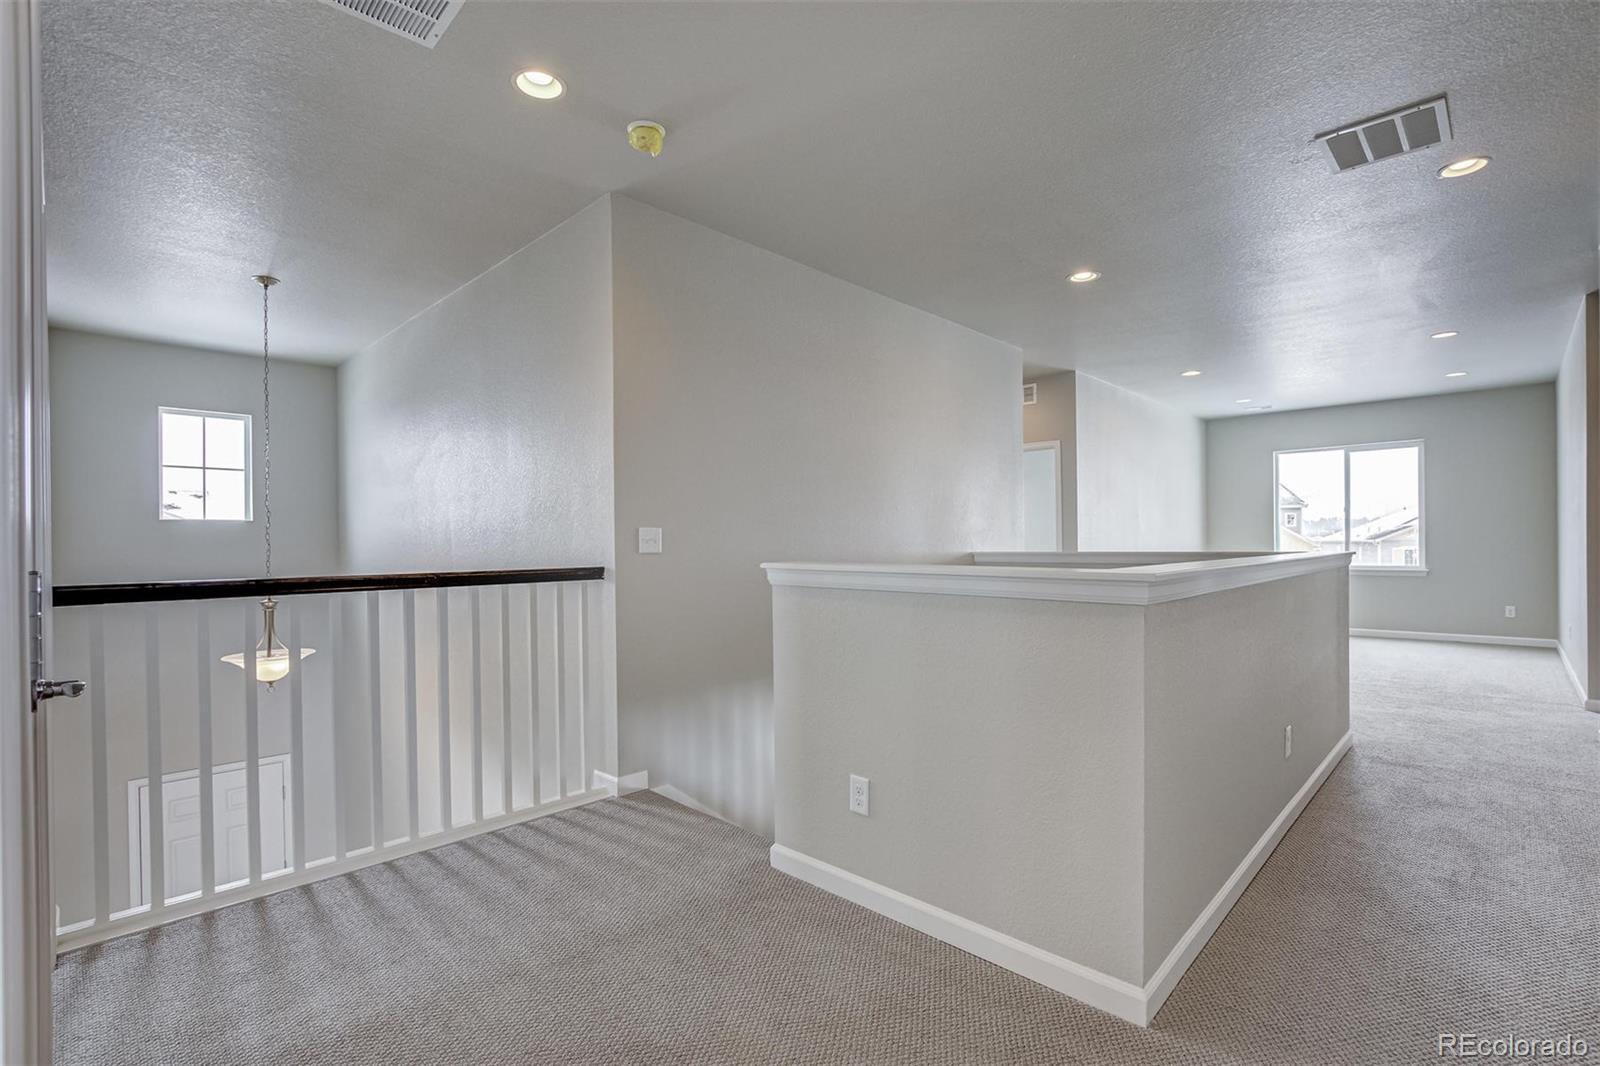 MLS# 9512147 - 23 - 6557 Merrimack Drive, Castle Pines, CO 80108